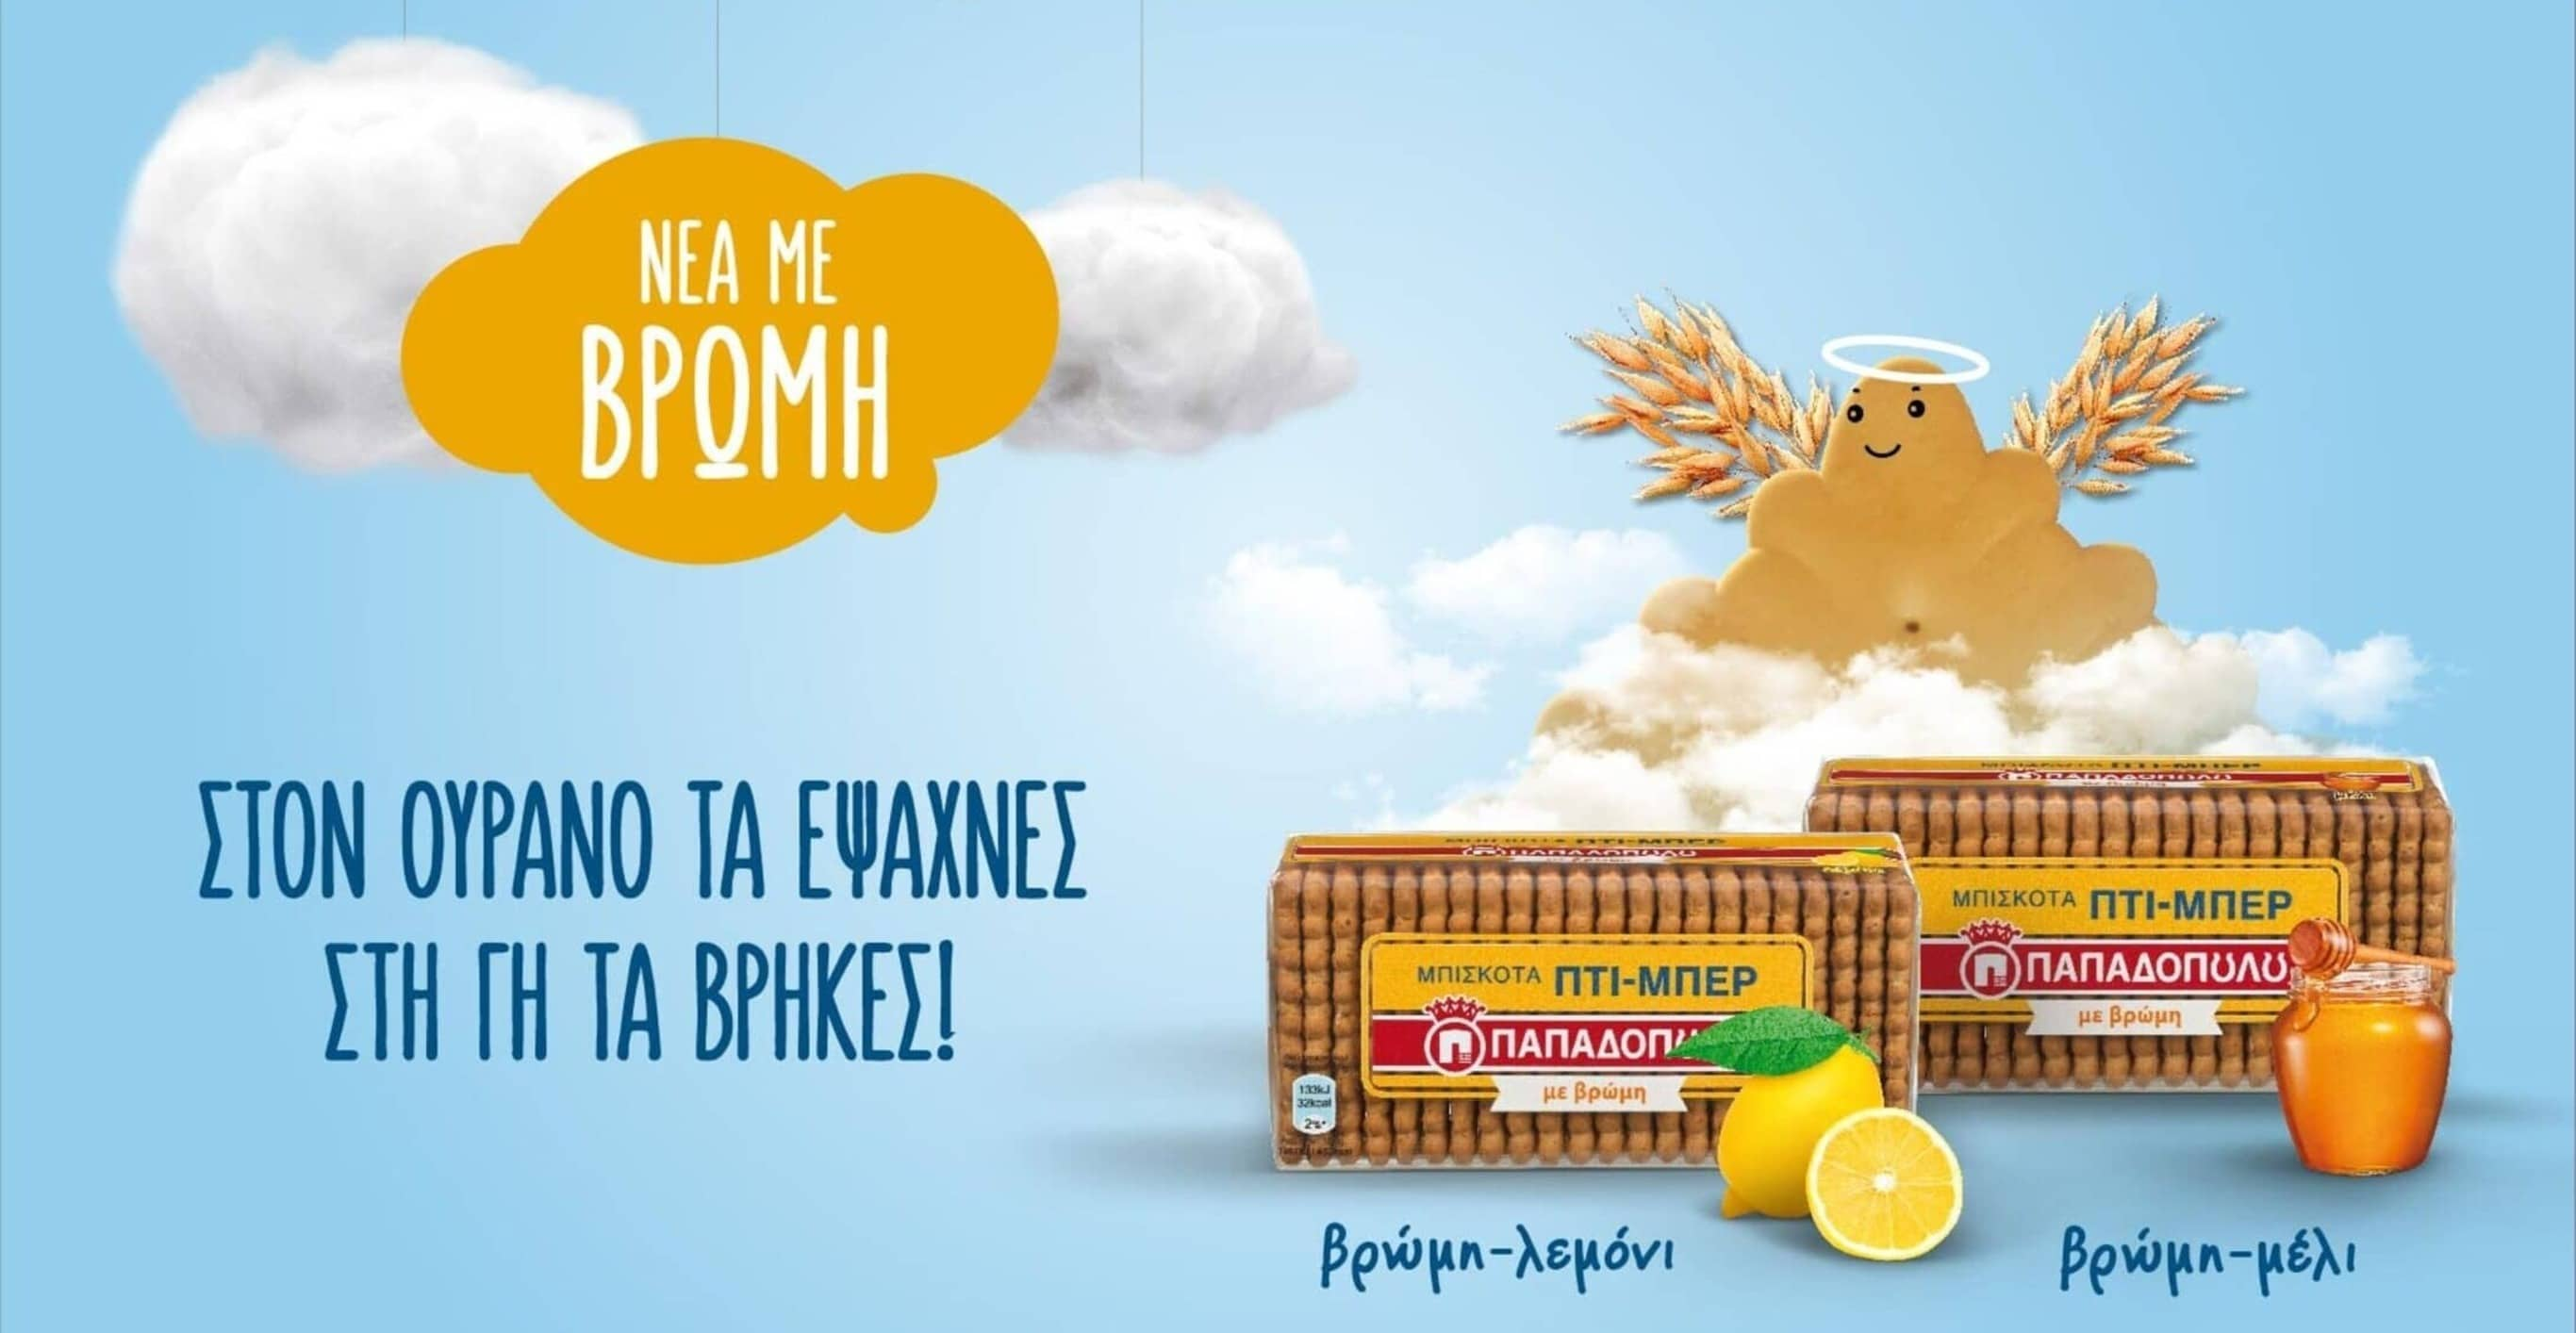 image for Νεα σειρά ΠΤΙ-ΜΠΕΡ ΠΑΠΑΔΟΠΟΥΛΟΥ τώρα και με ΒΡΩΜΗ.